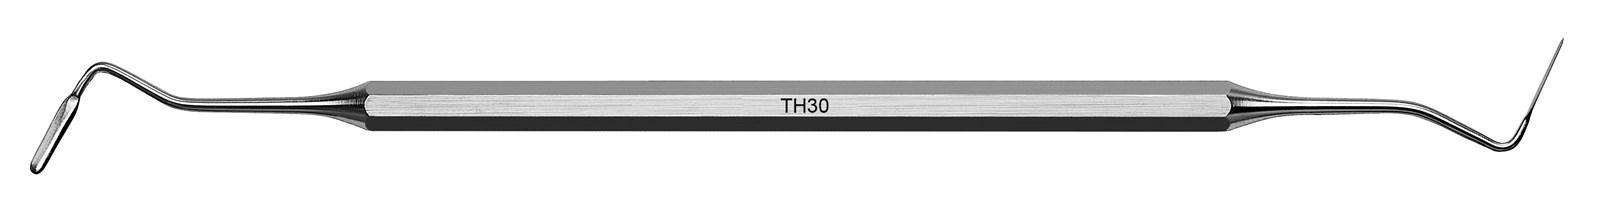 Periotom - TH30, ADEP červený